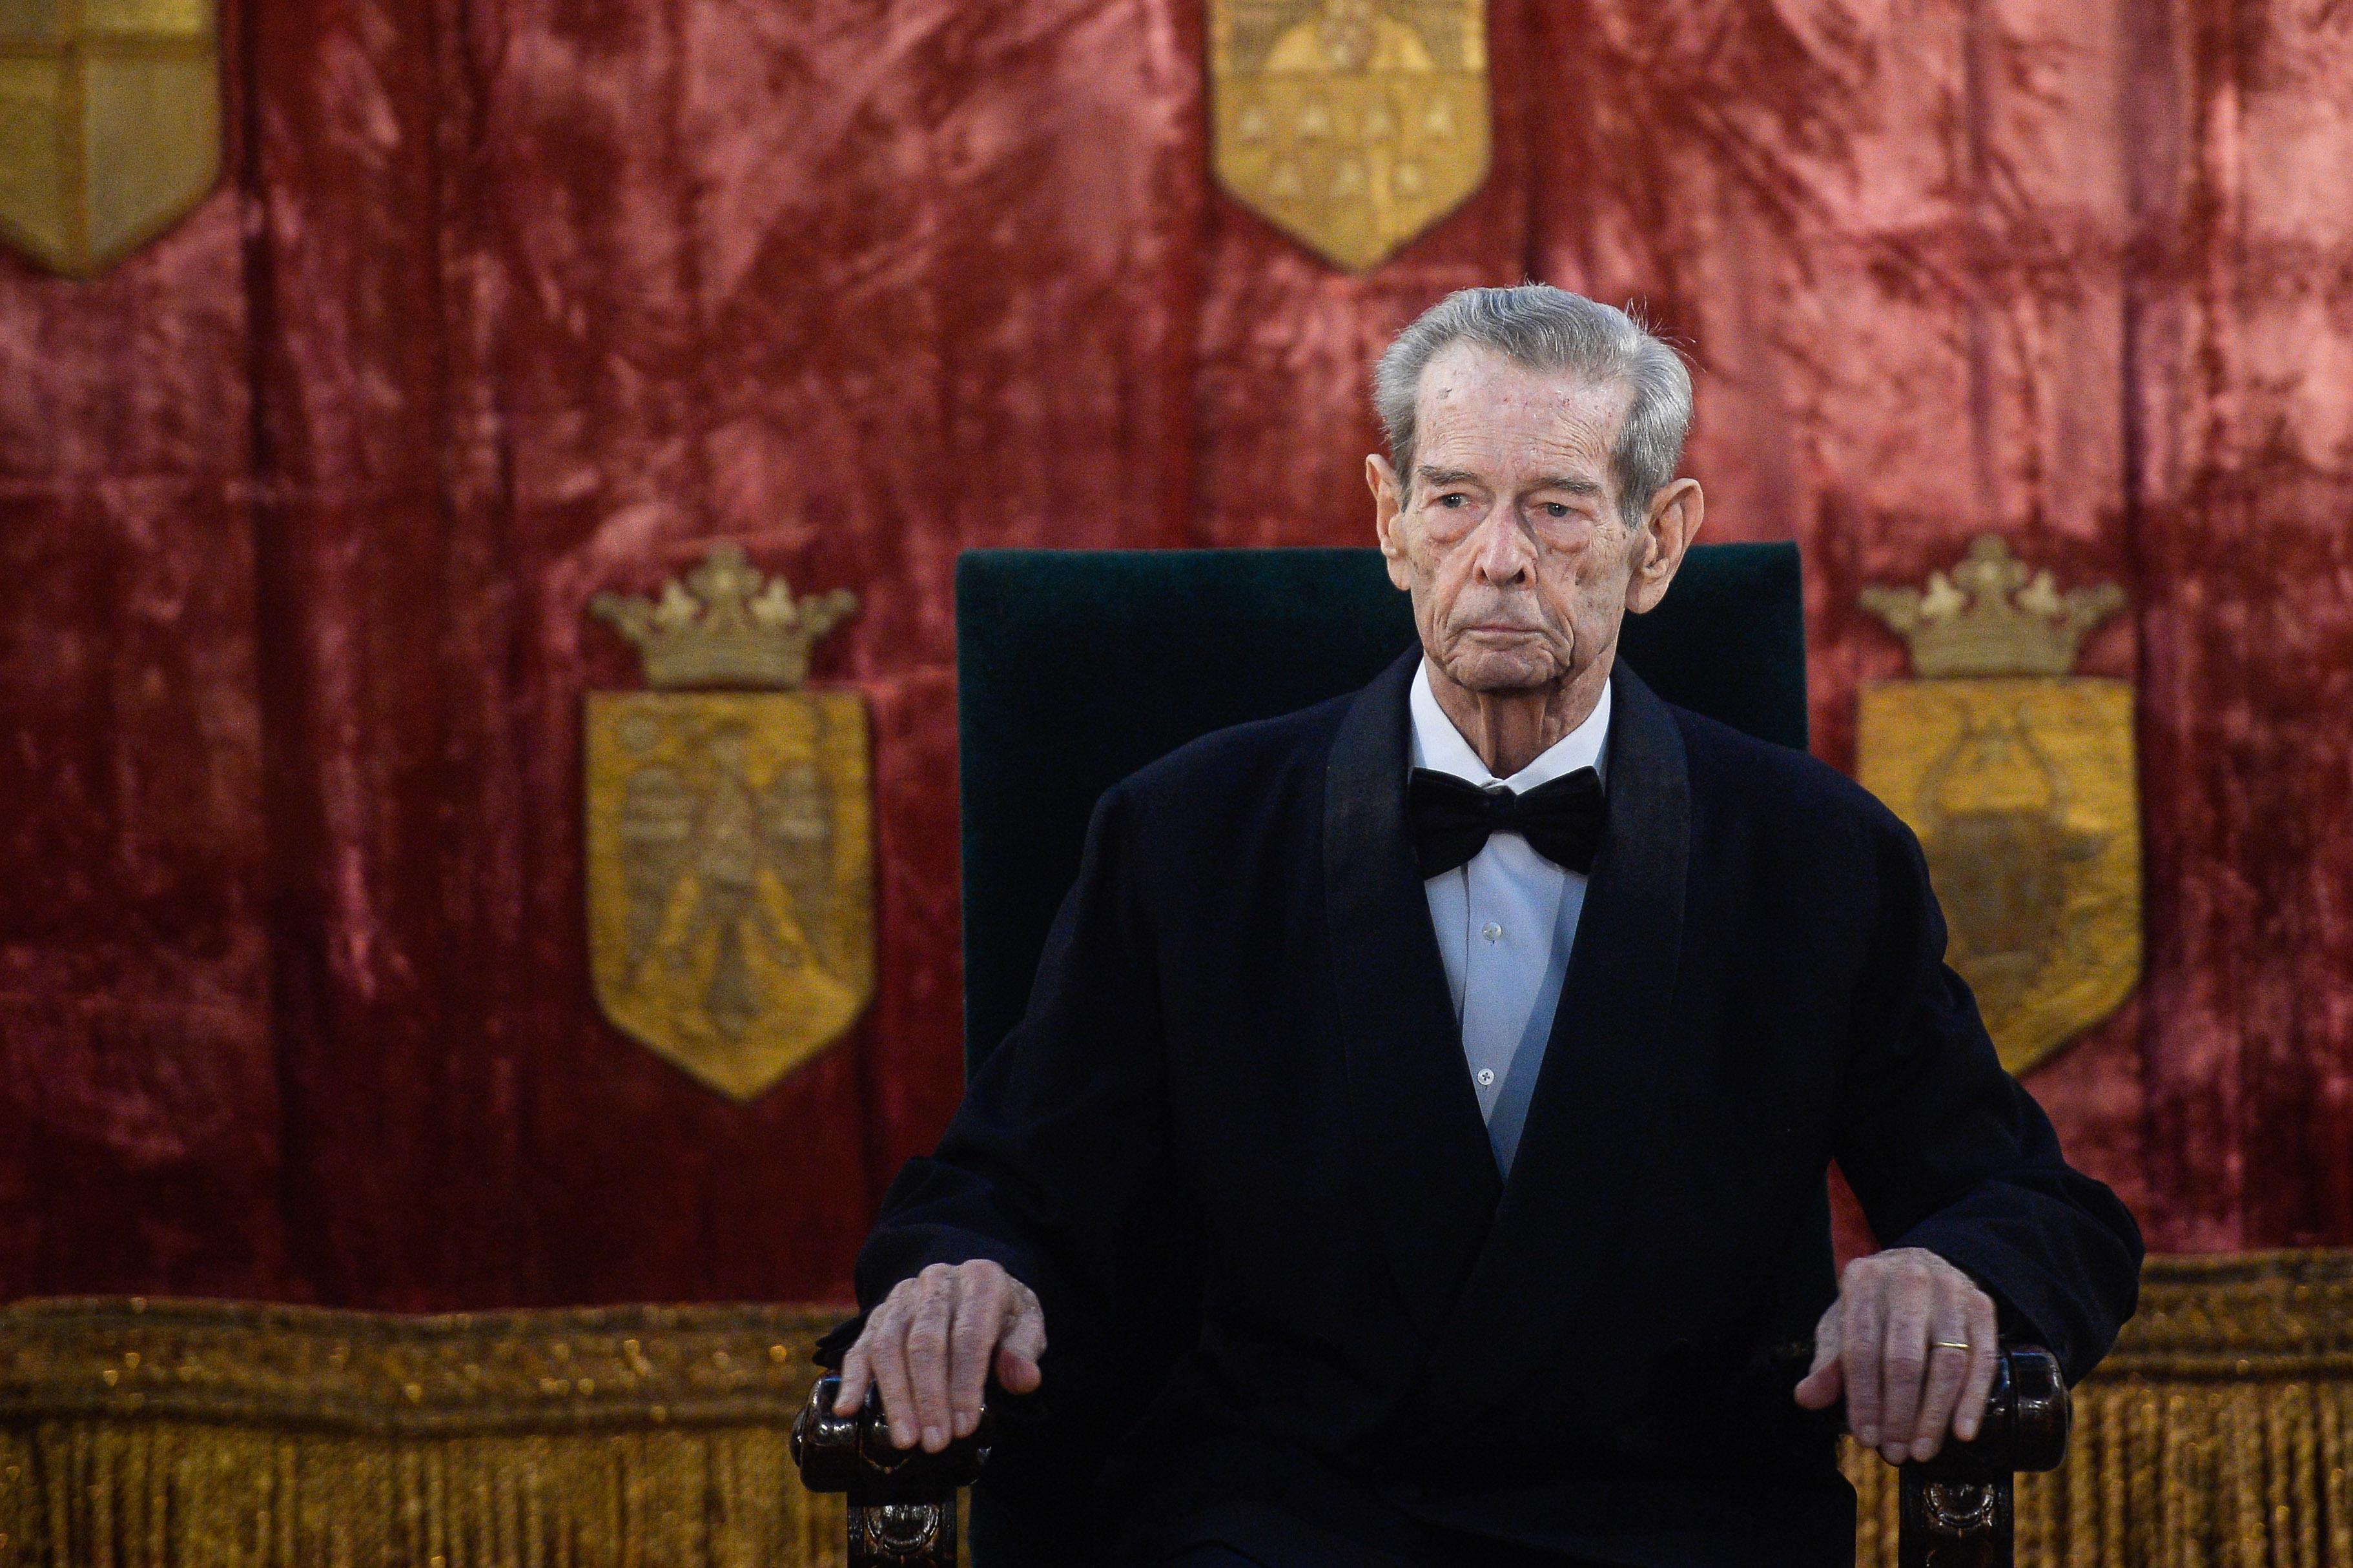 Regele Mihai I împlineşte miercuri 96 de ani. Casa Regală sărbătoreşte prin mai multe evenimente